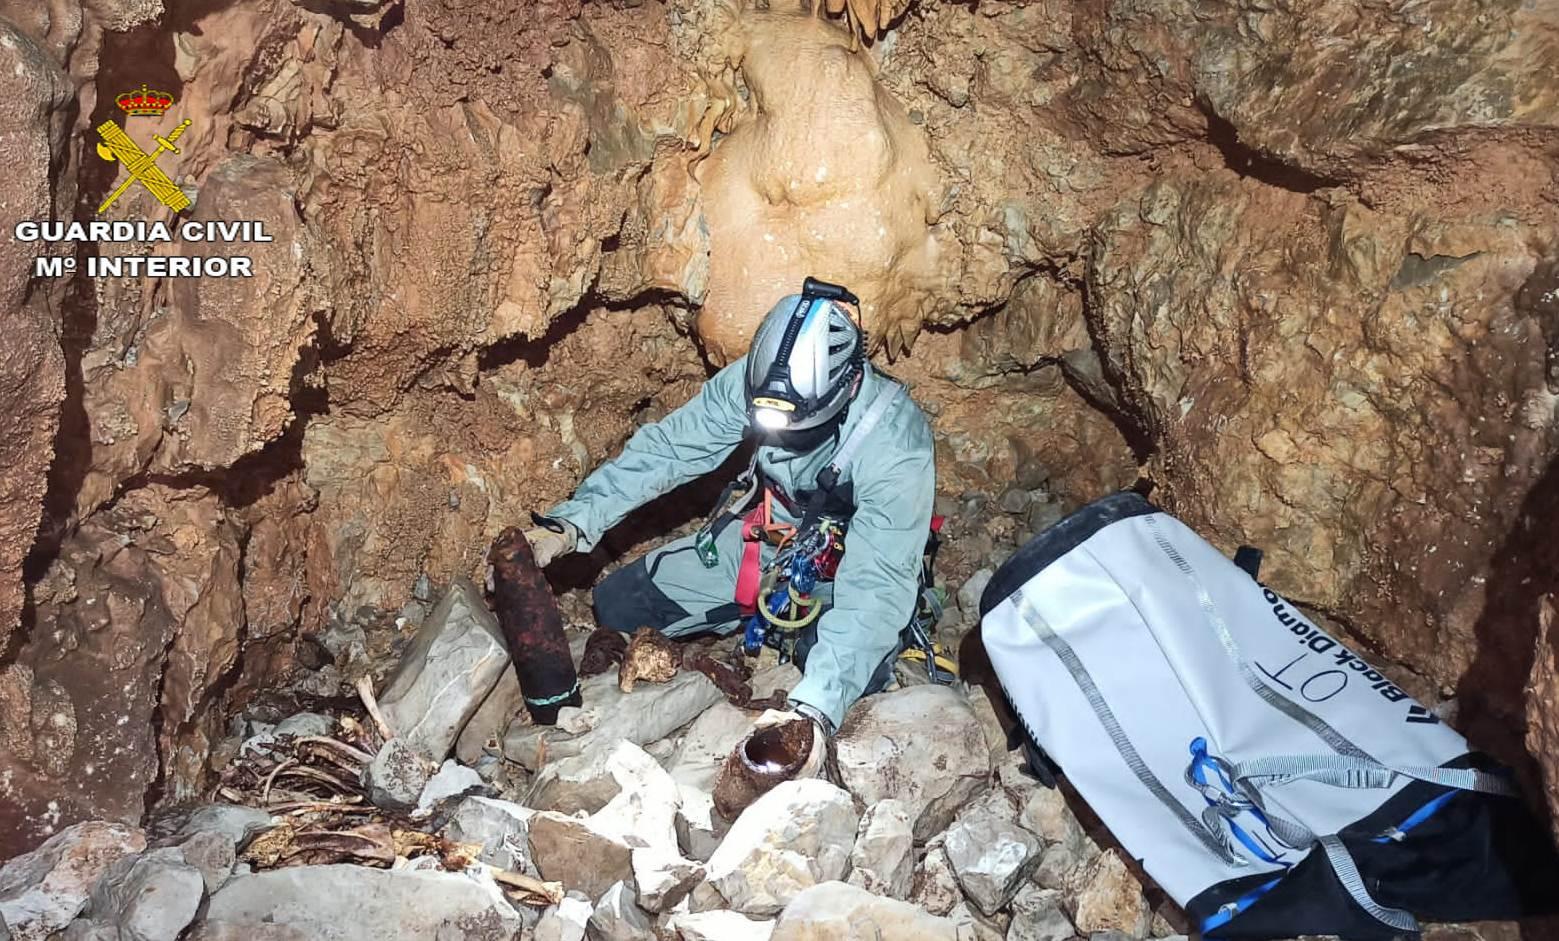 La Guardia Civil extrae y destruye tres proyectiles de la pasada guerra civil encontrados en dos simas del término municipal de Tirig